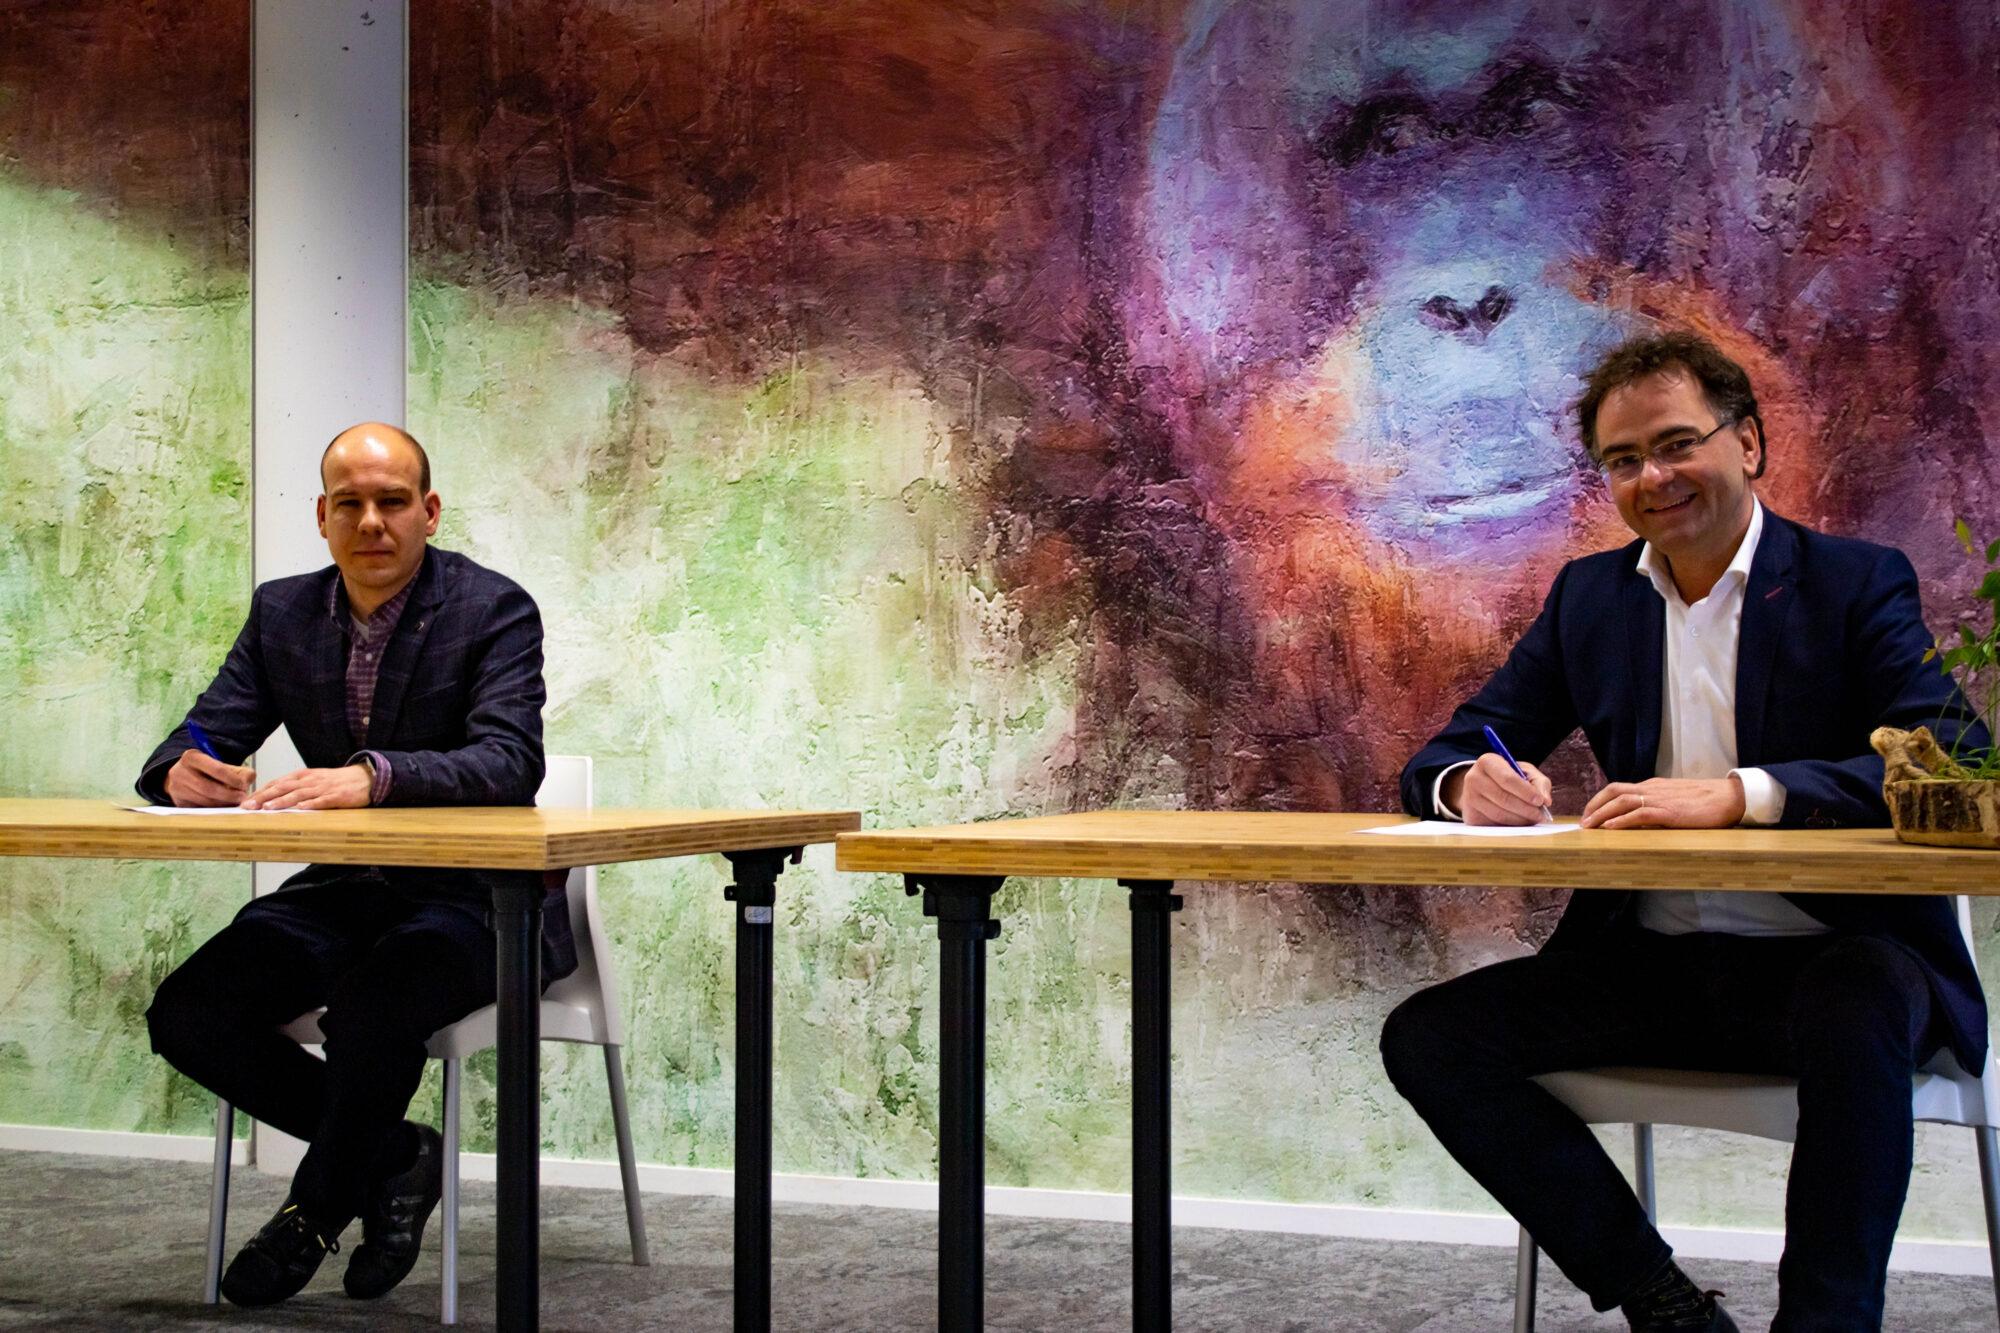 Hollander Techniek en Stichting Apenheul werken samen aan duurzaamheidsambities